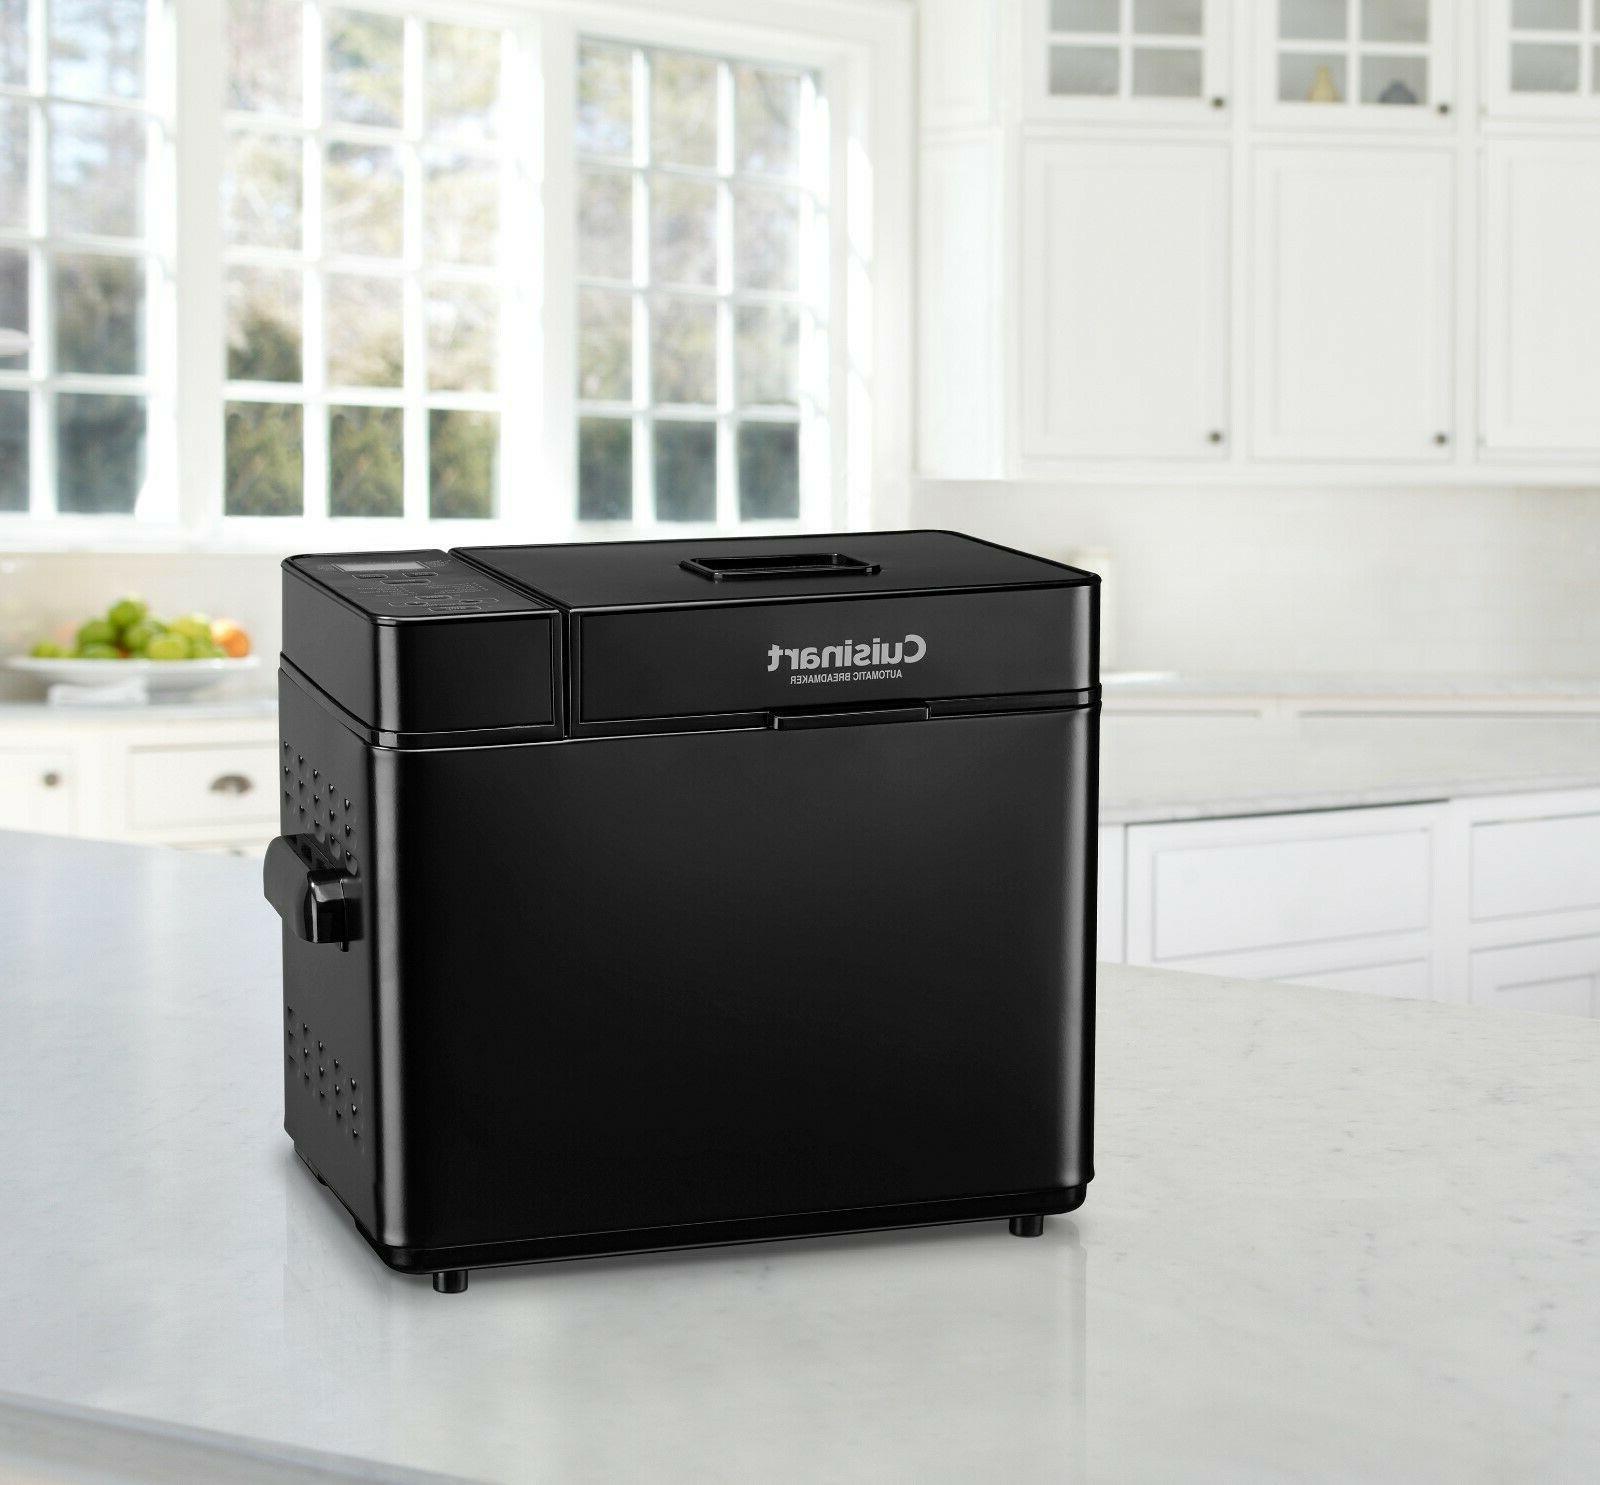 automatic bread maker black stainless cbk100bk